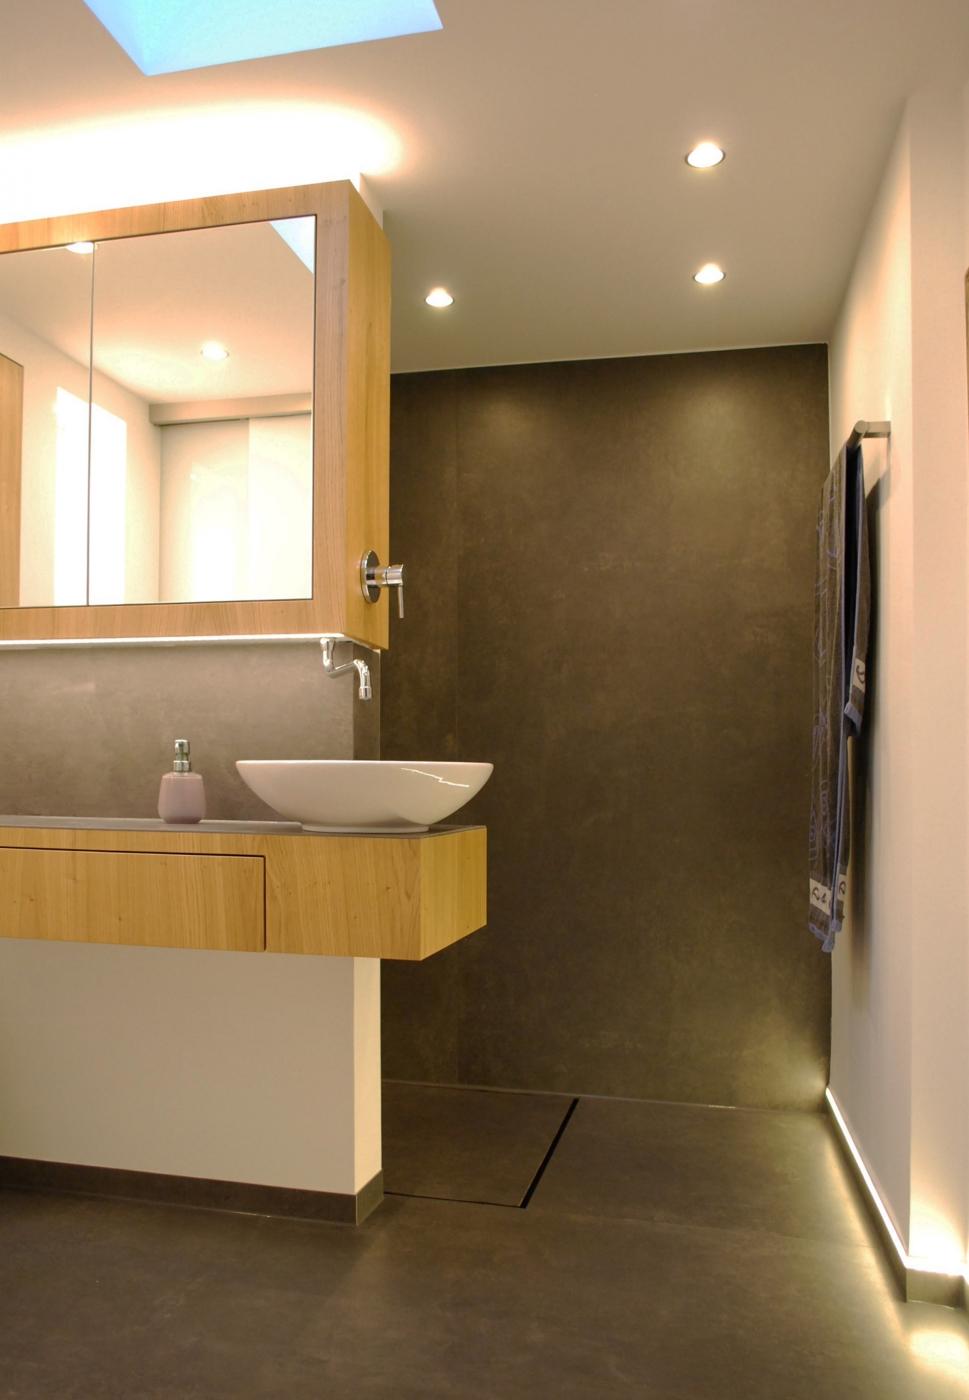 Badplanung - Aufteilung eines kleinen Bades mit Gäste WC - baqua